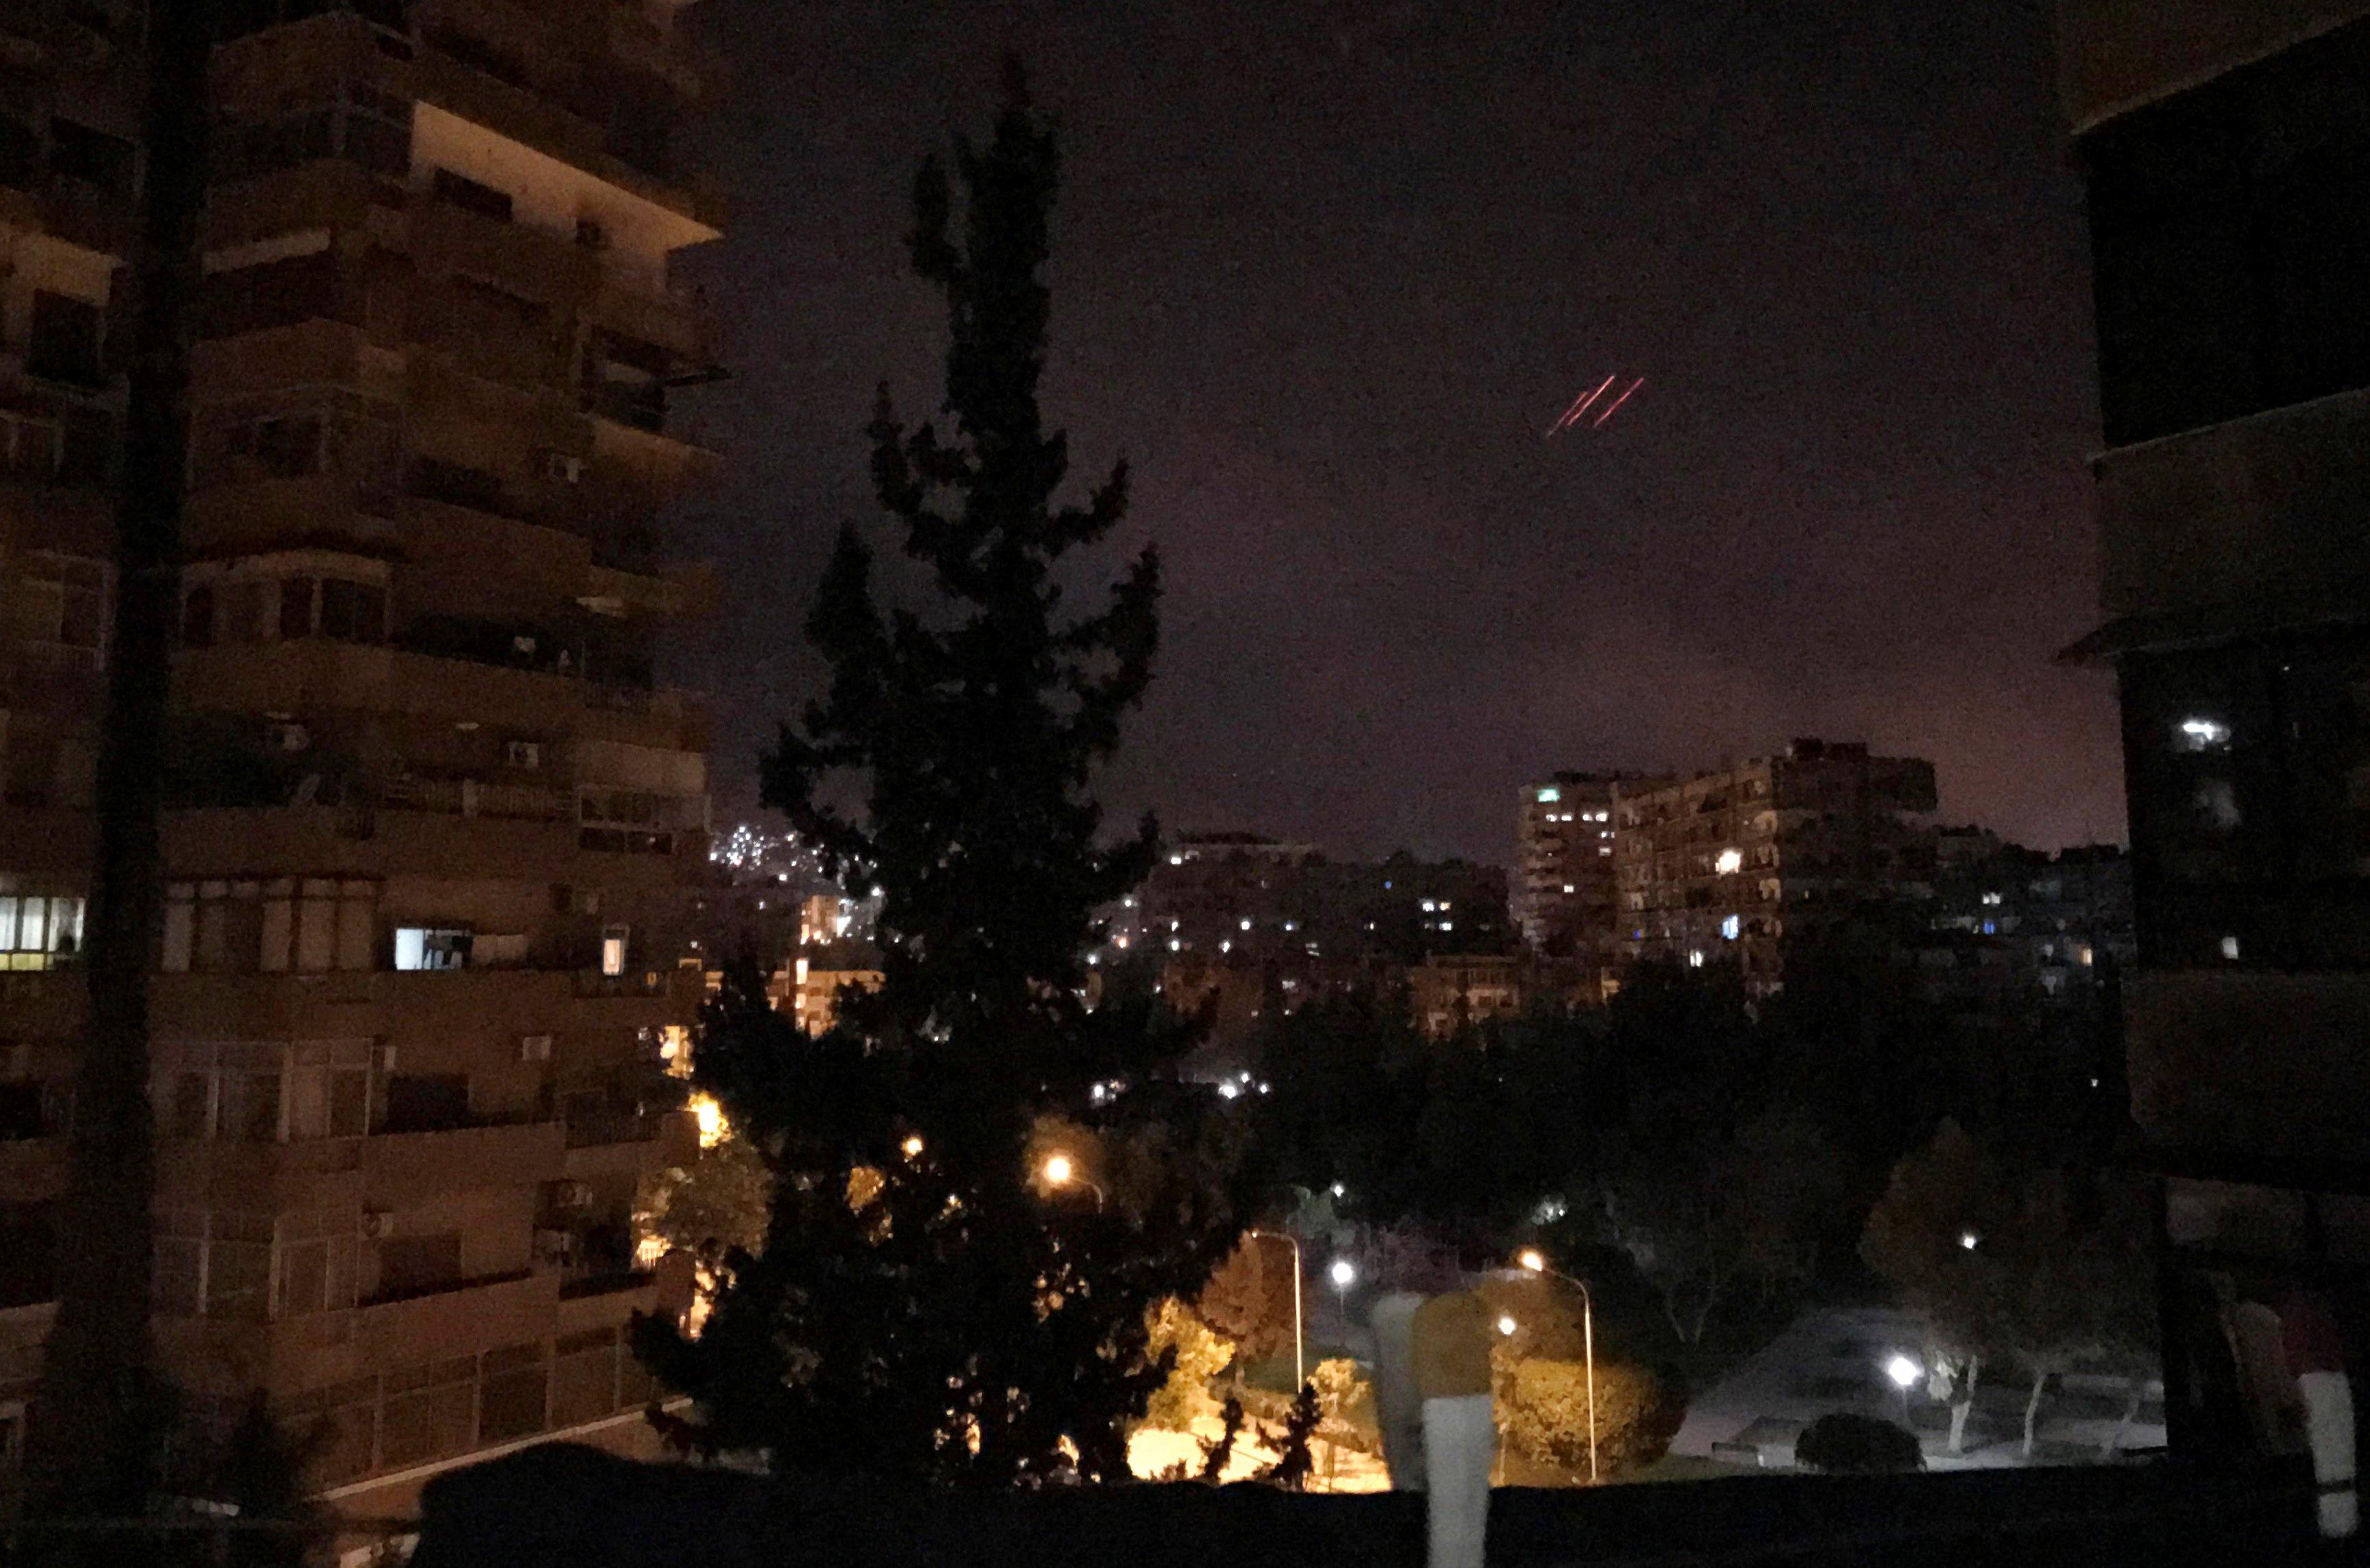 В Сирии мощности для производства химического оружия были уничтожены, сообщил Эммануэль Макрон